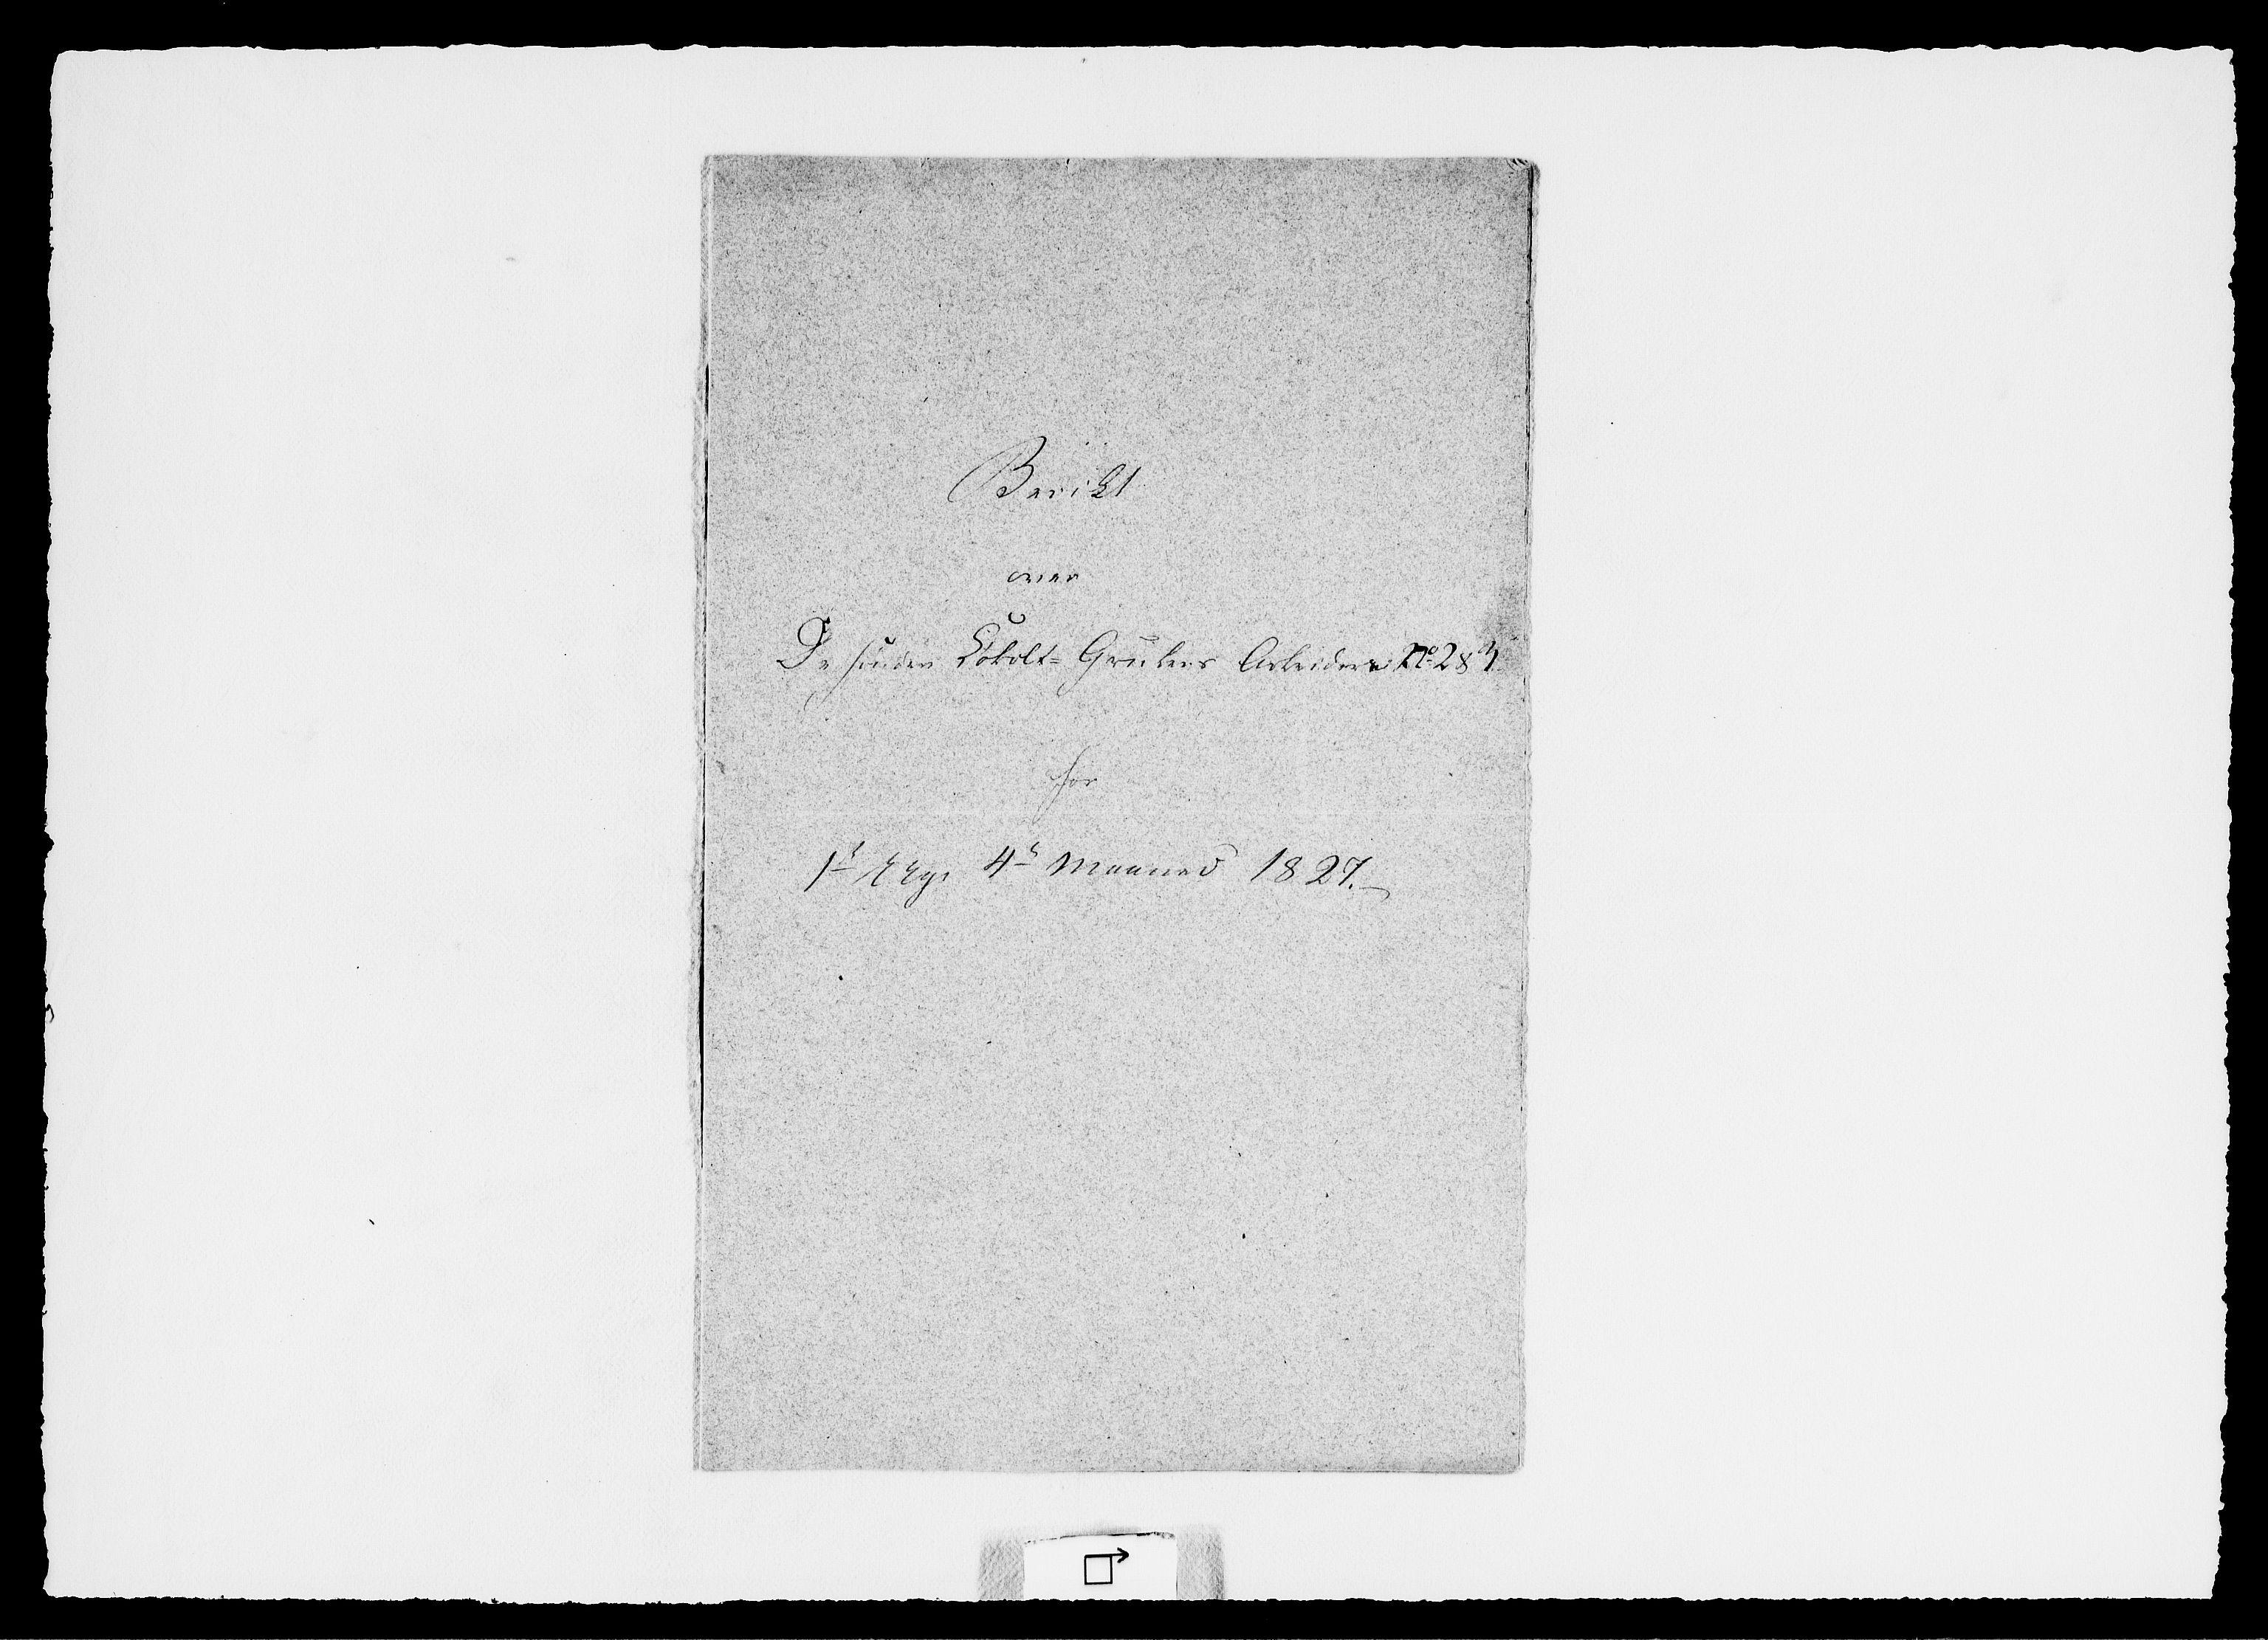 RA, Modums Blaafarveværk, G/Ge/L0329, 1827, s. 2